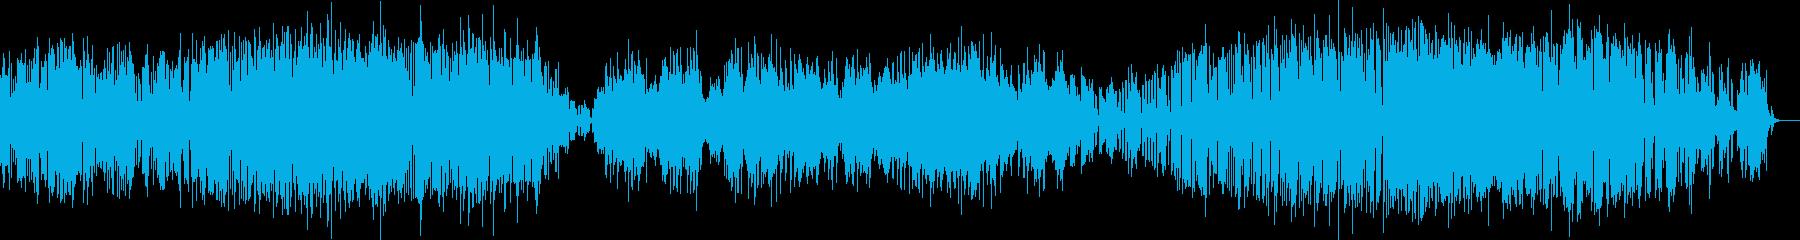 ラフマニノフ:前奏曲第5番(ピアノソロ)の再生済みの波形